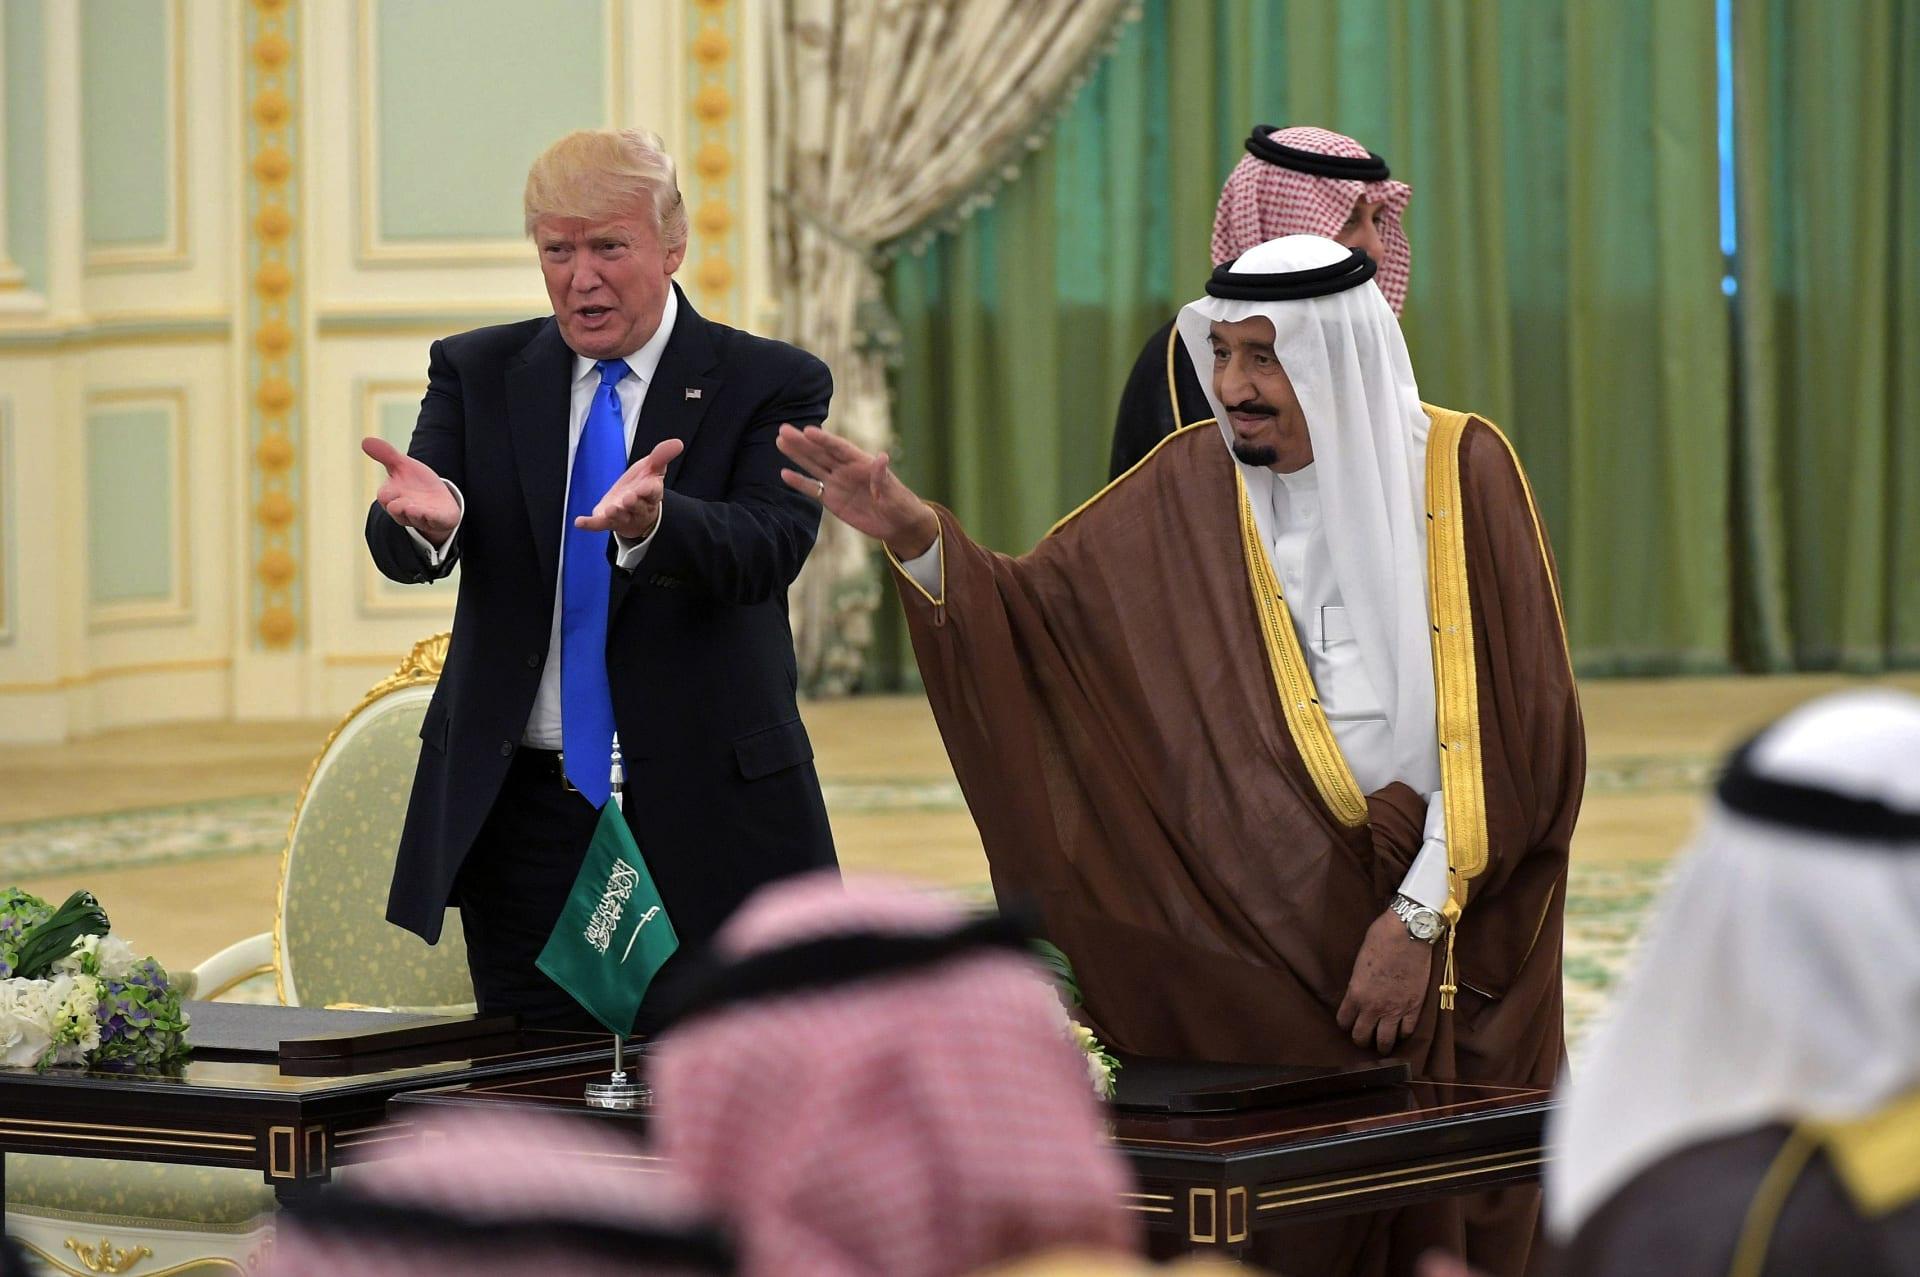 مسؤول أمريكي: السعودية دفعت 500 مليون دولار لتغطية نشر القوات الأمريكية في البلاد